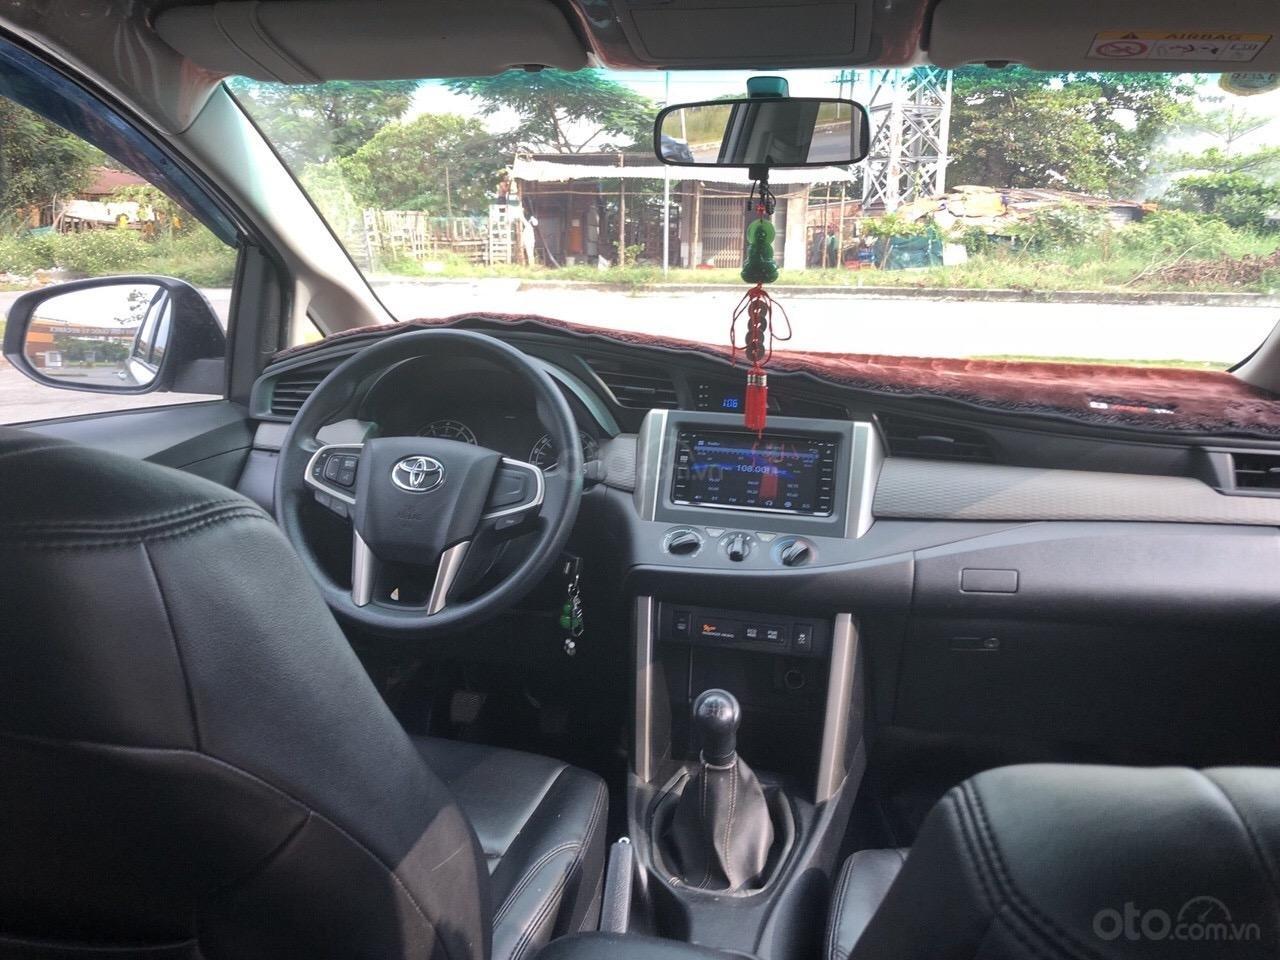 Bán Toyota Innova 2.0E năm 2017, xe trang bị đầy đủ bán lại giá 660 triệu (6)